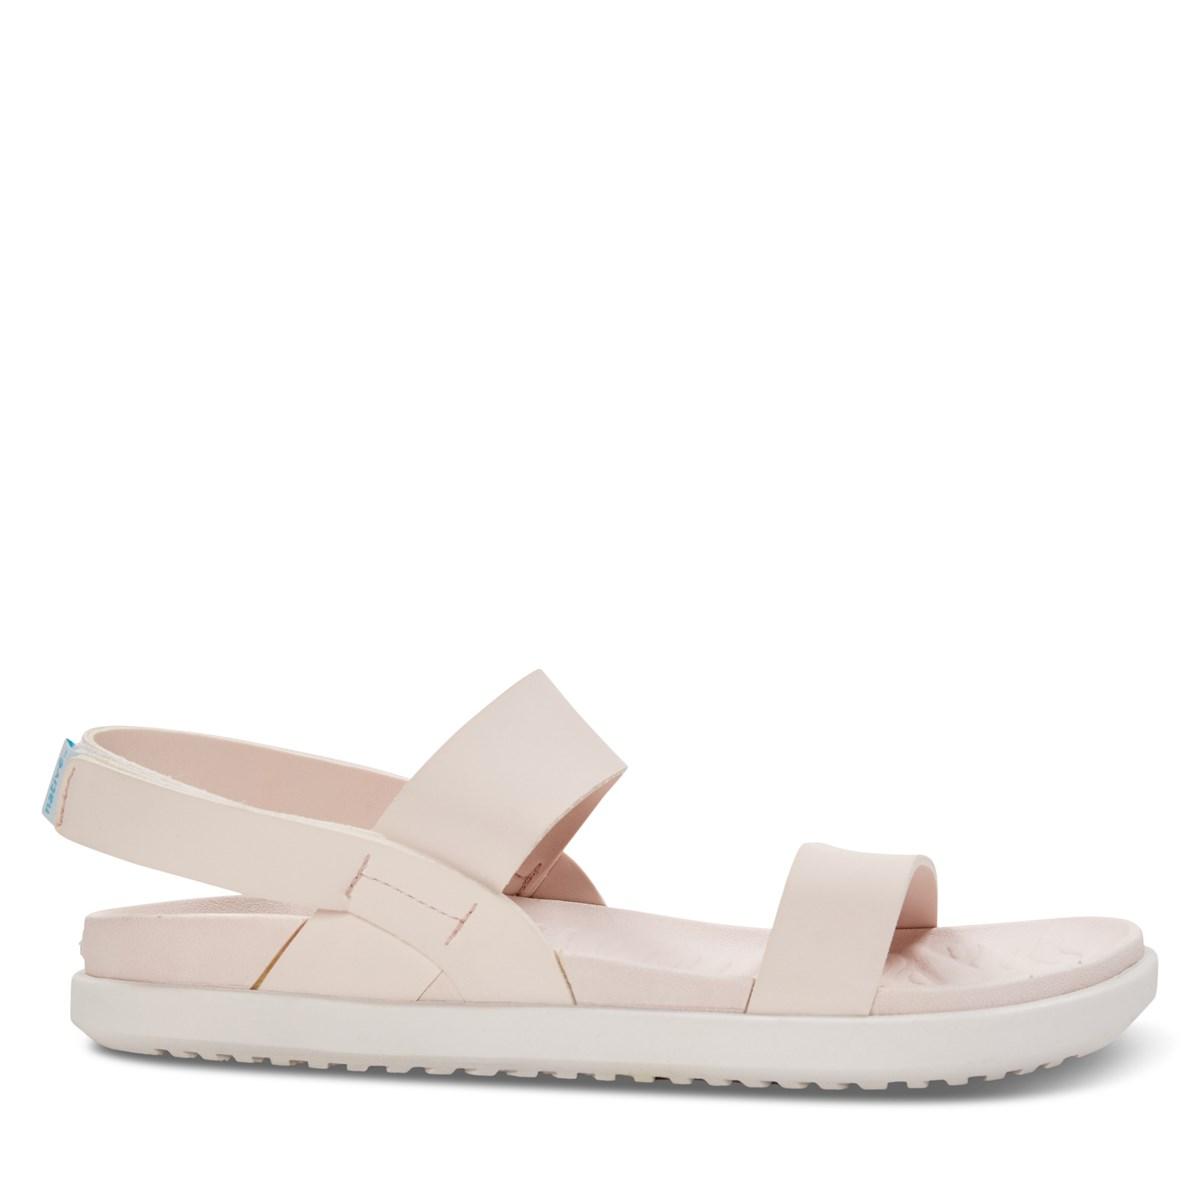 Sandales à sangles Ellis rose pâle pour femmes